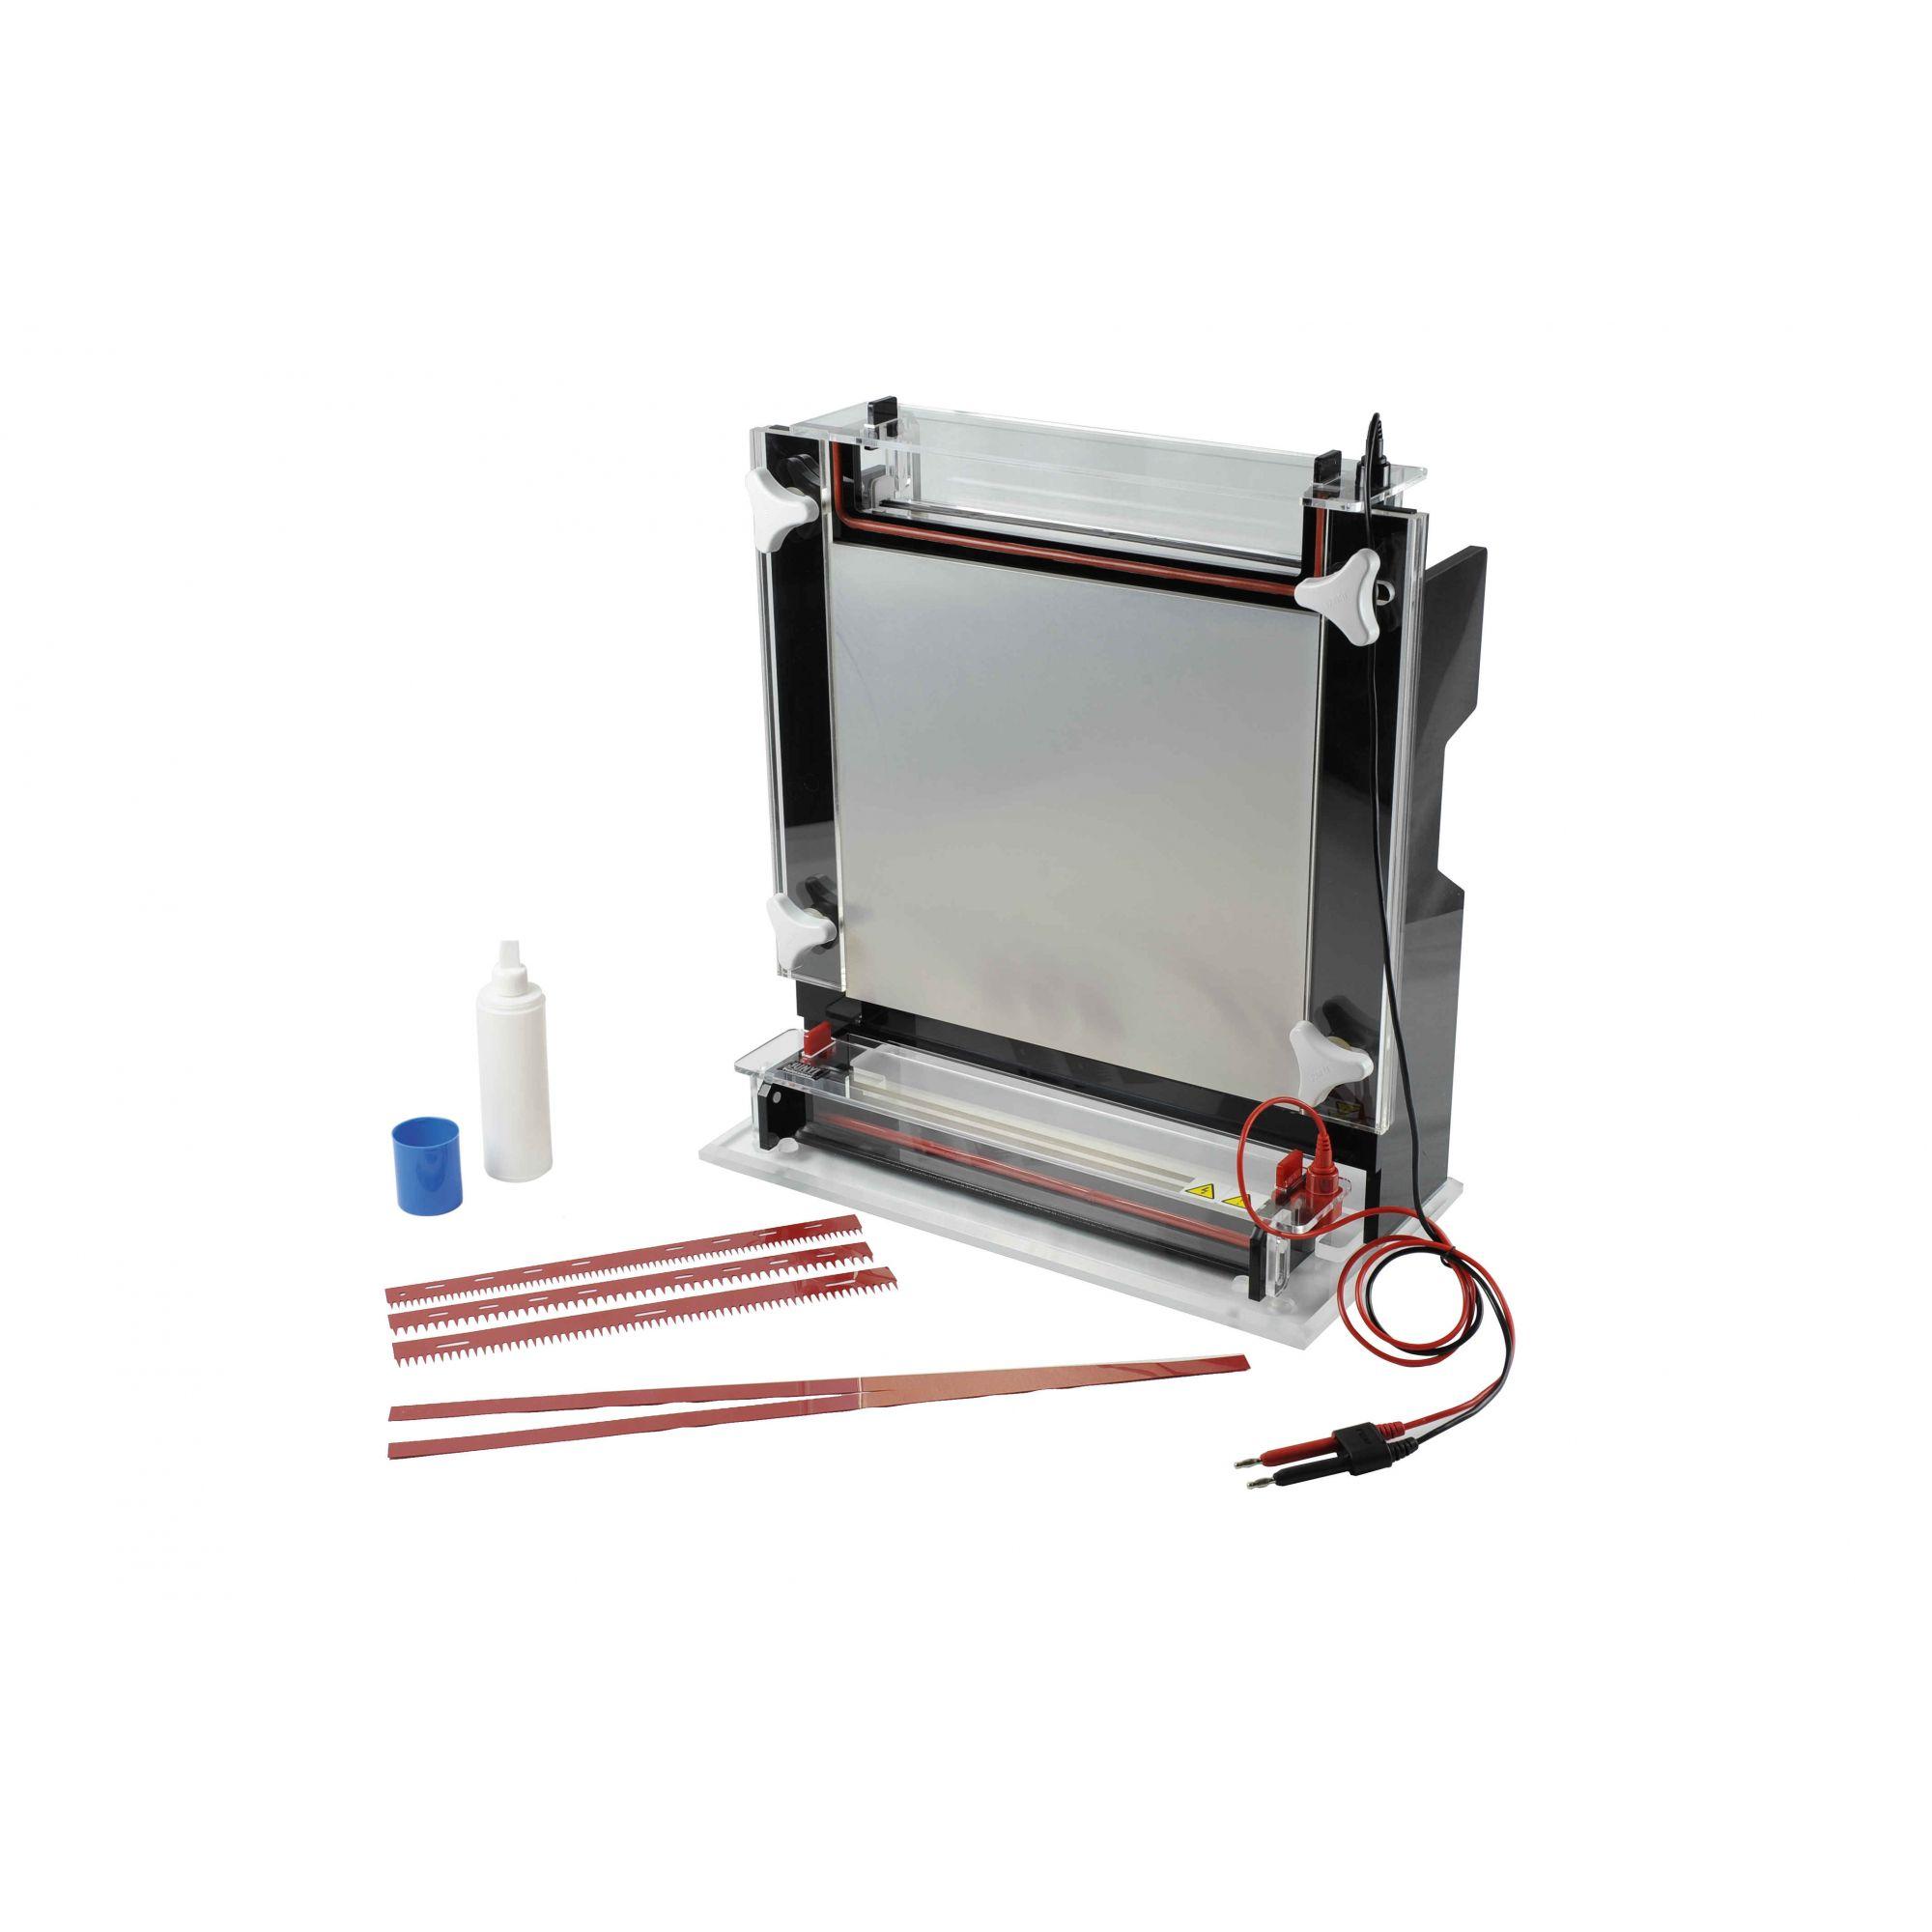 Cuba Para Eletroforese Por Sequenciamento 35X45cm - Modelo: DG-SEQUENCY